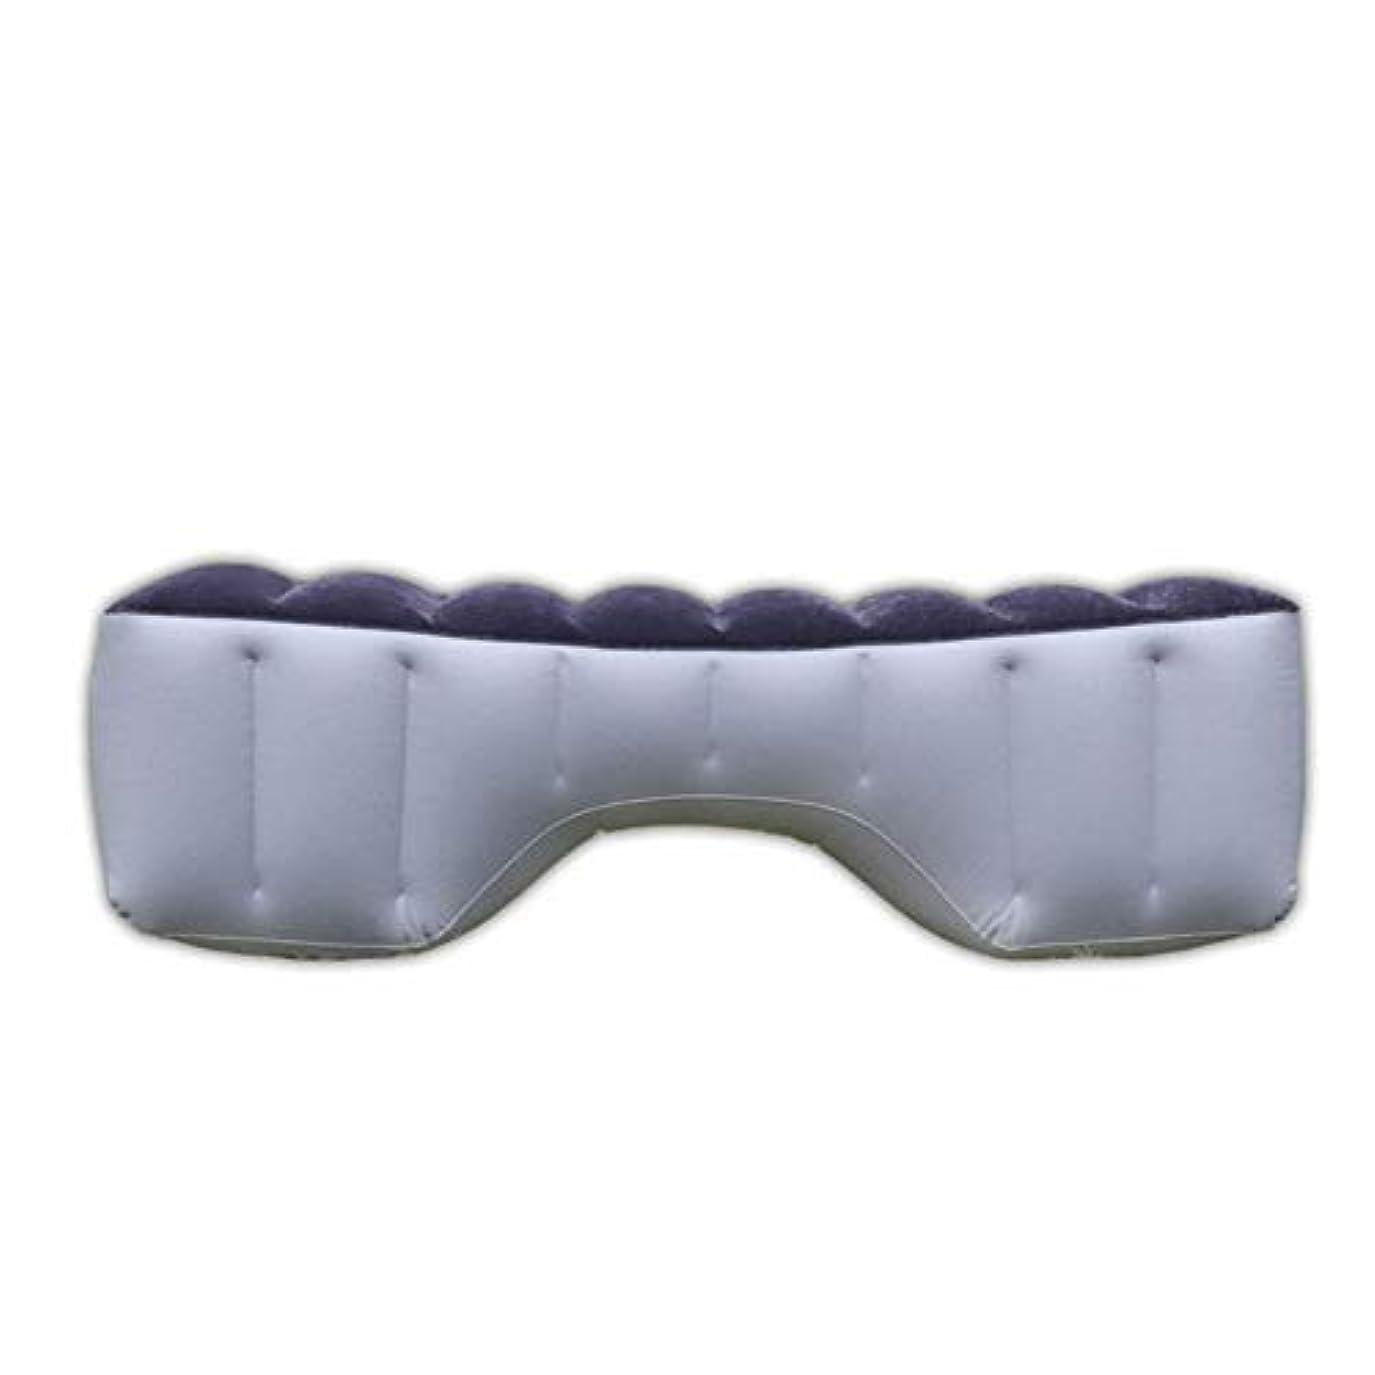 口頭慈悲メイドBXXU爪切りセットステンレス鋼ブラックペディキュアはさみピンセットマニキュアセットツールセット爪マニキュアツール